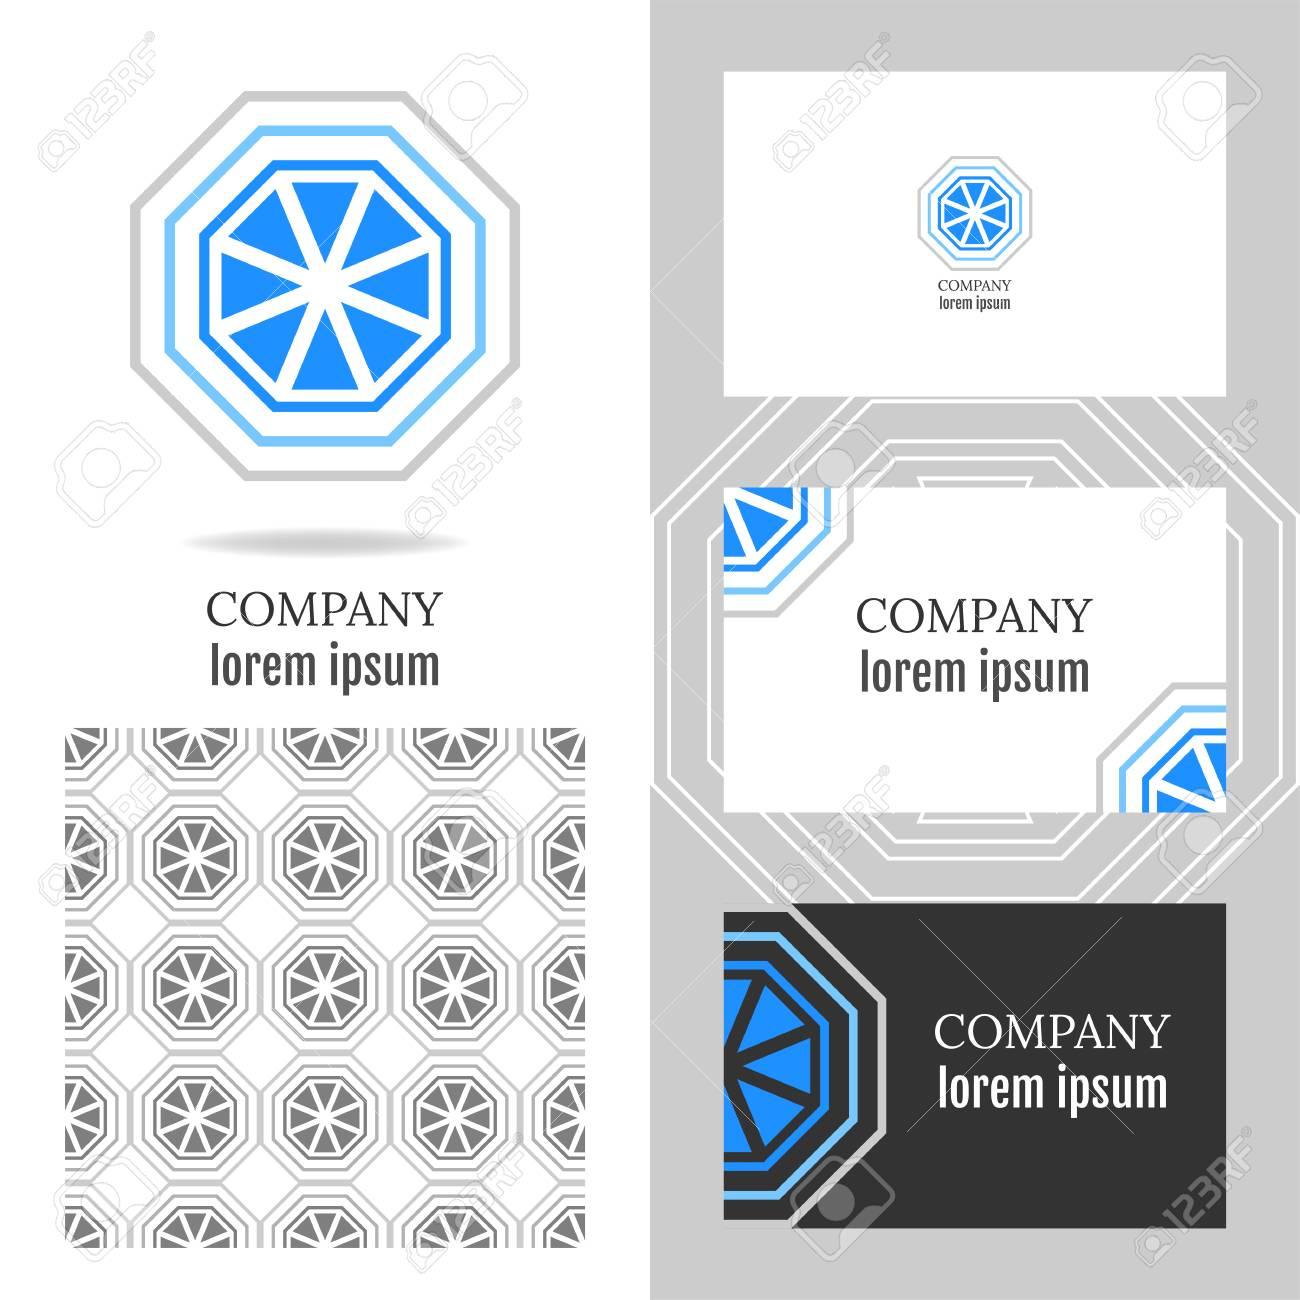 Lment De Polygone Vecteur Pour Ldition Carte Visite Avec Modle Entreprise Mdias Technologie